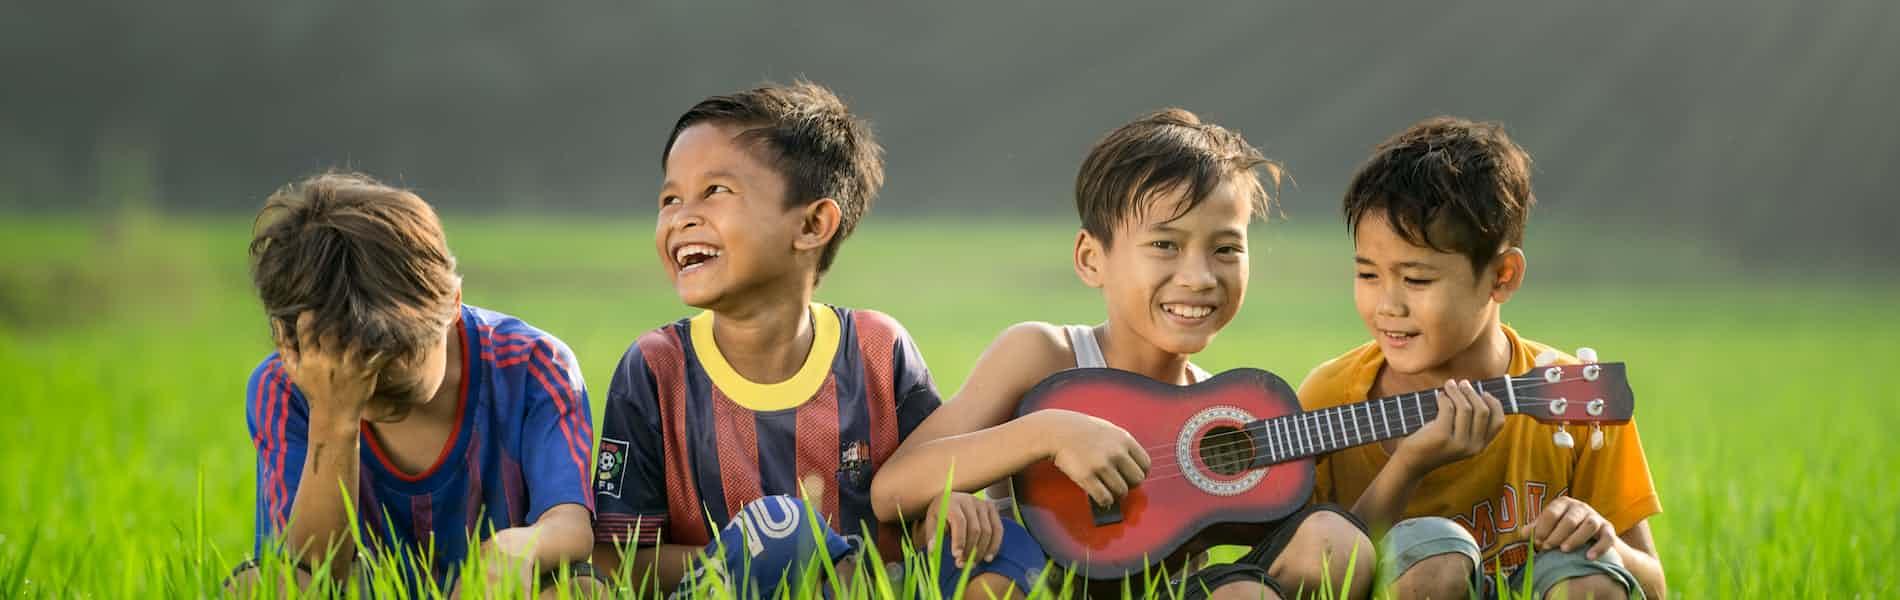 בגובה העיניים: טיפול בקבוצה לילדים ונוער